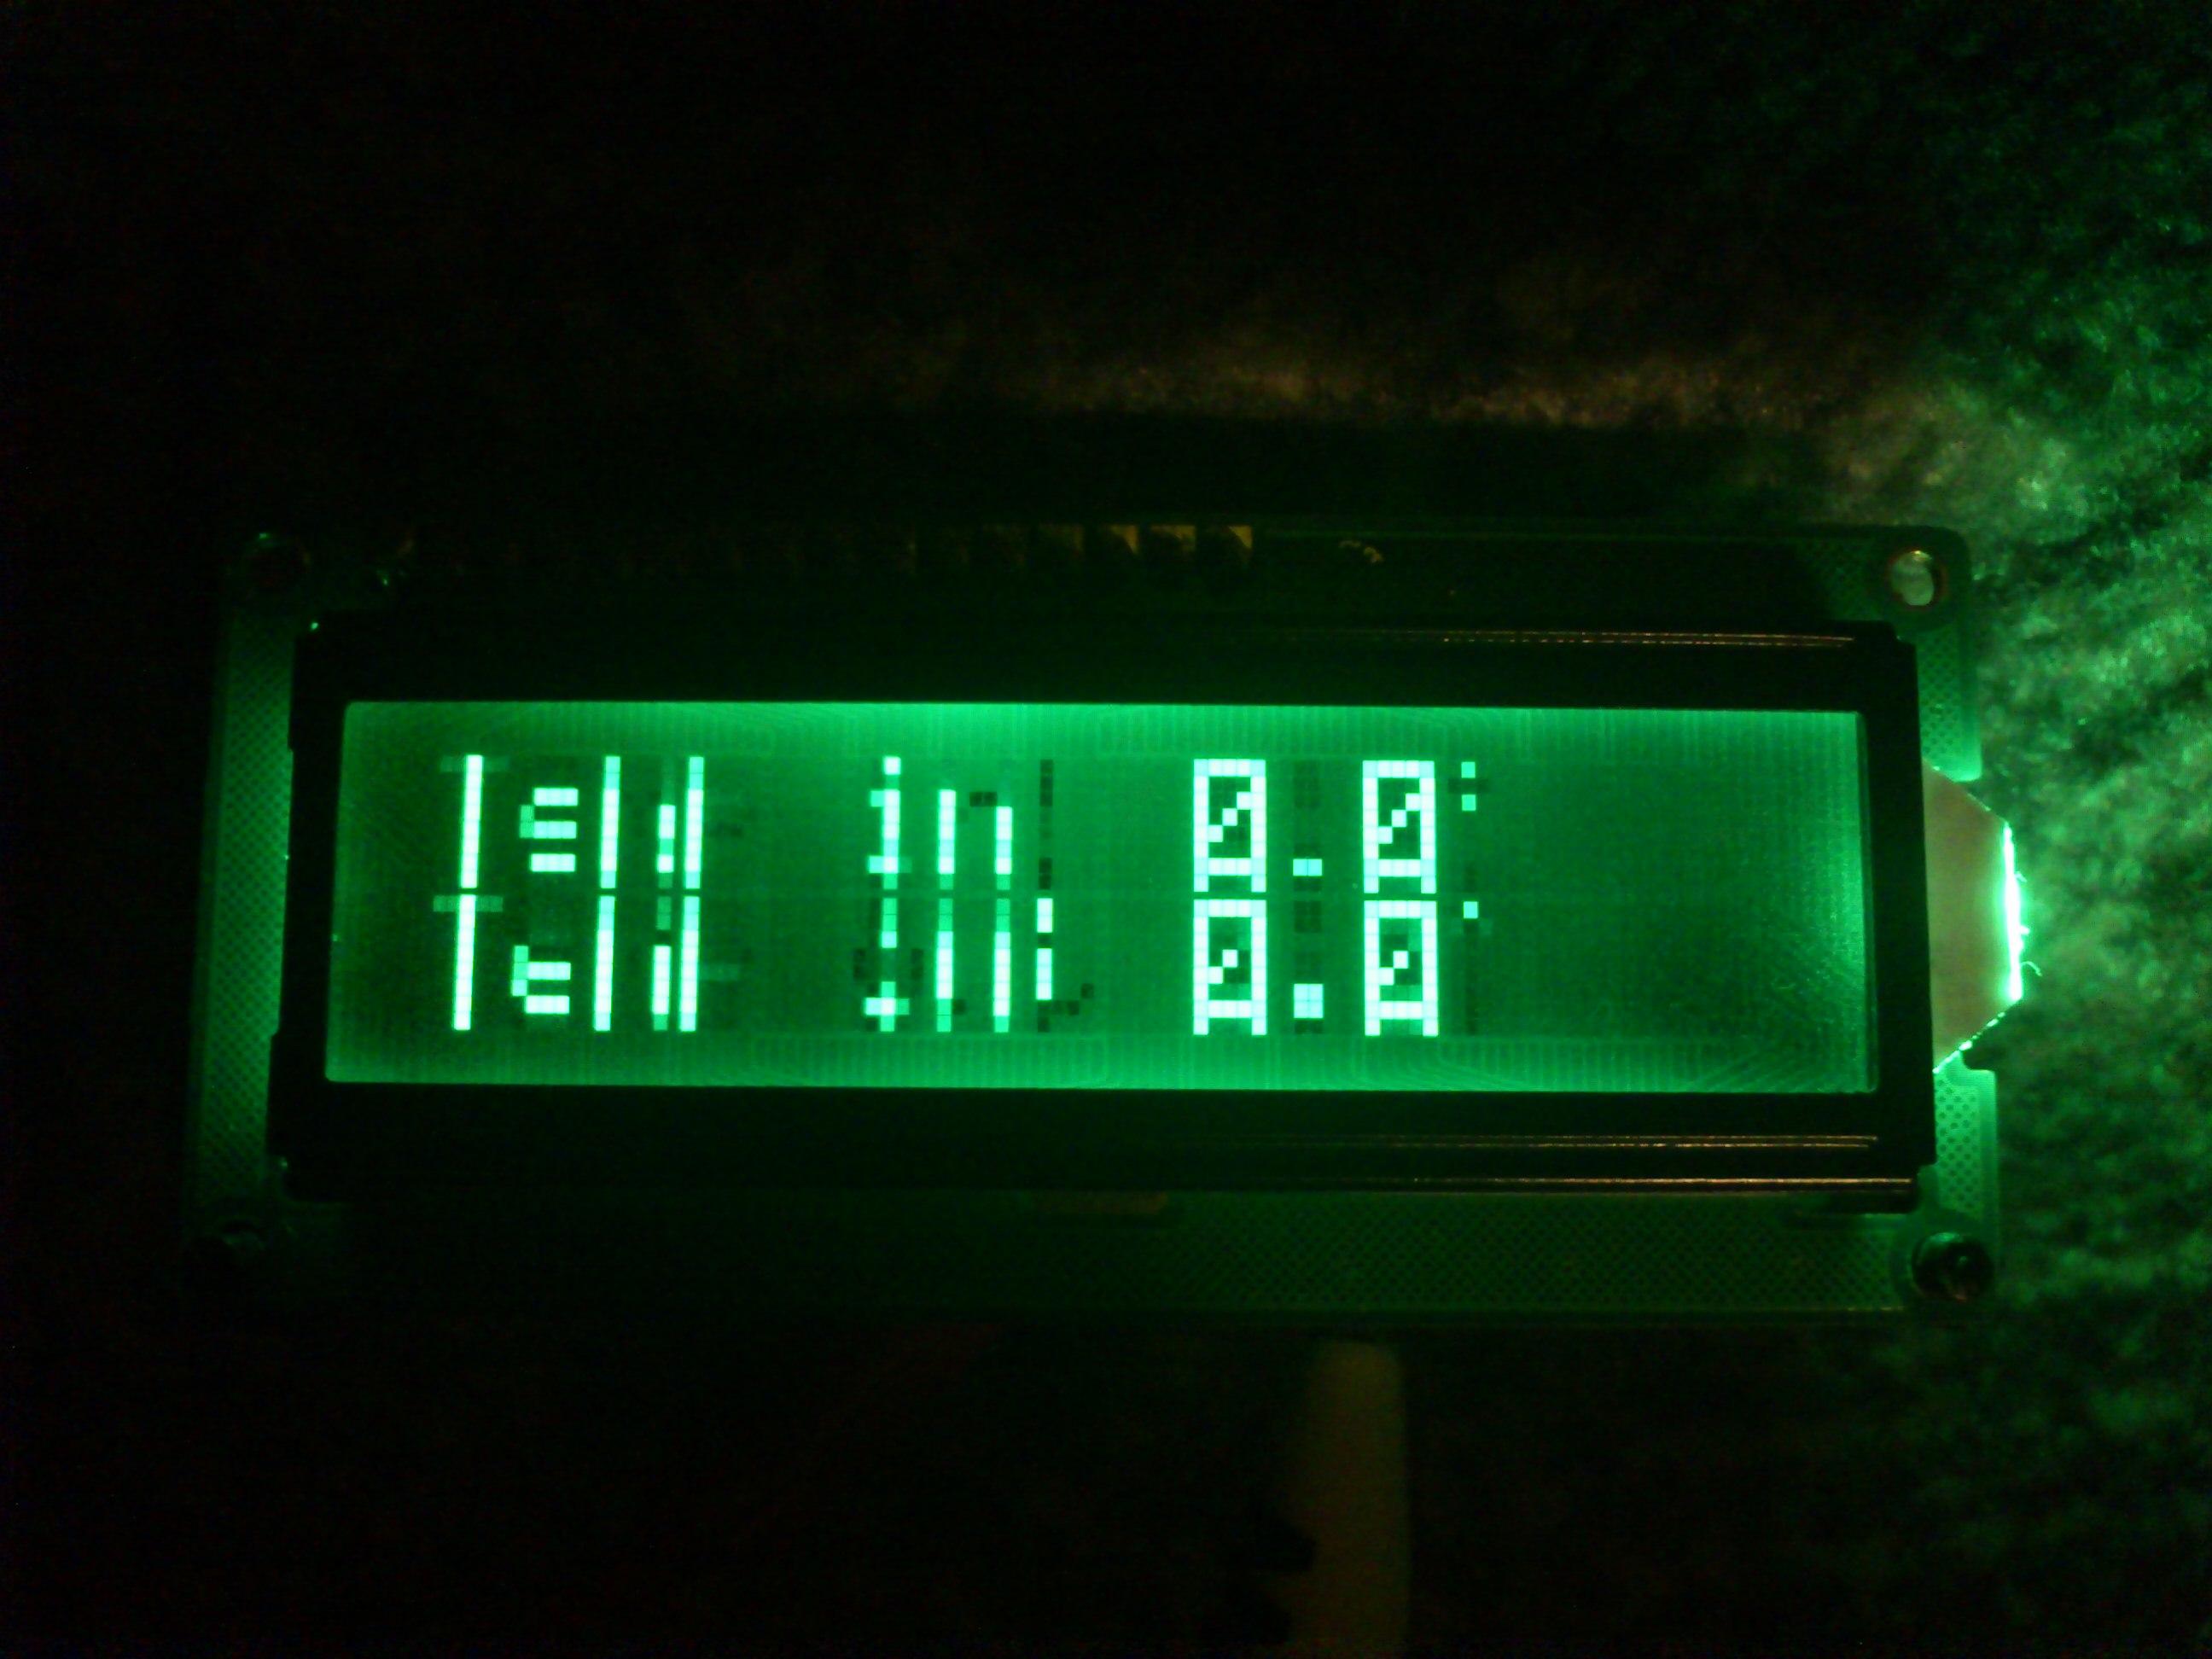 Wy�wietlacz 2x16 HD44780. Uszkodzoony?